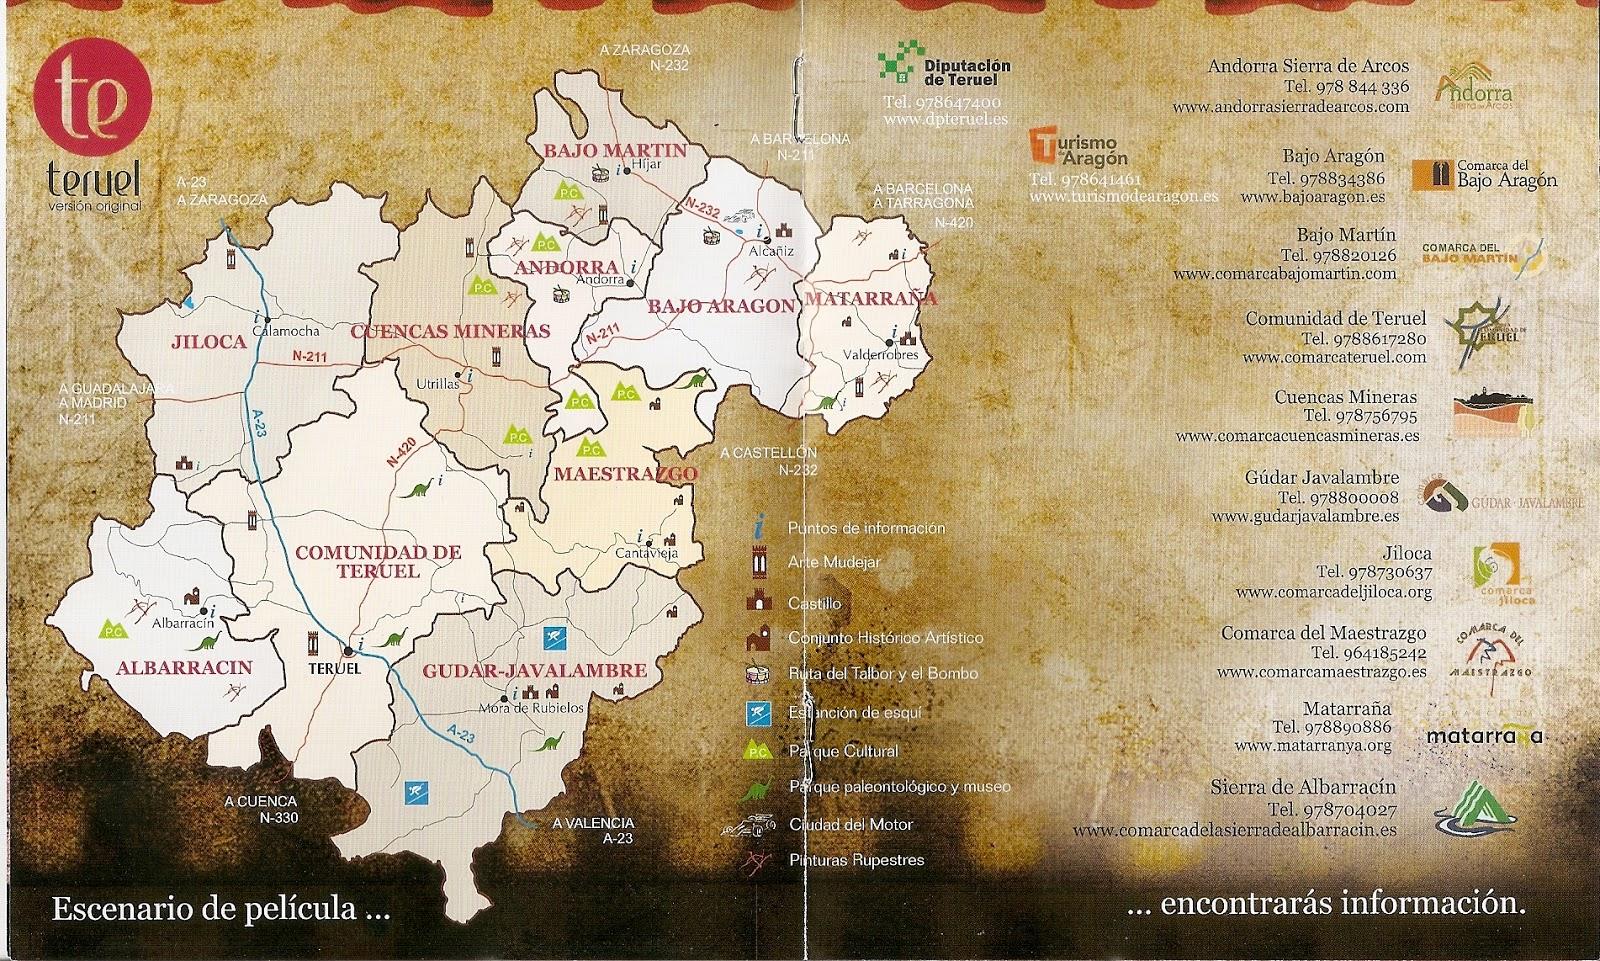 36097a79a0c7a Cuatro días por la comarca de Matarraña (Teruel)